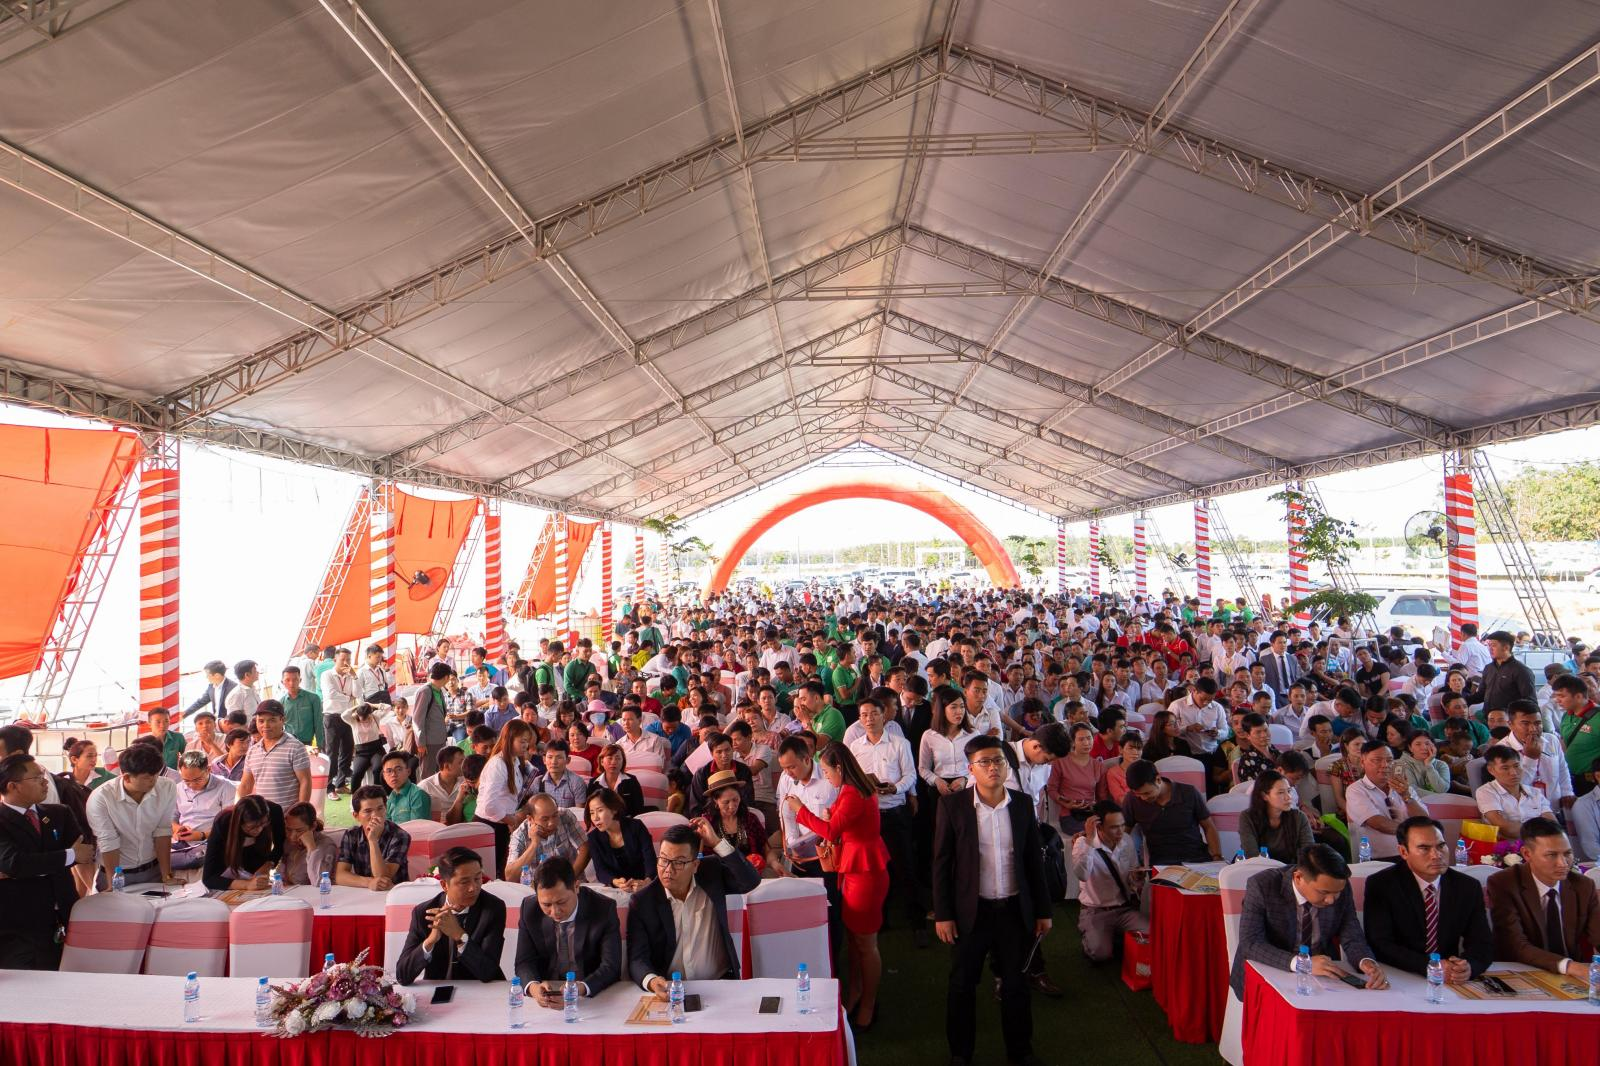 Rất nhiều người đang ngồi tham gia một sự kiện tổ chức ngoài trời có mái che